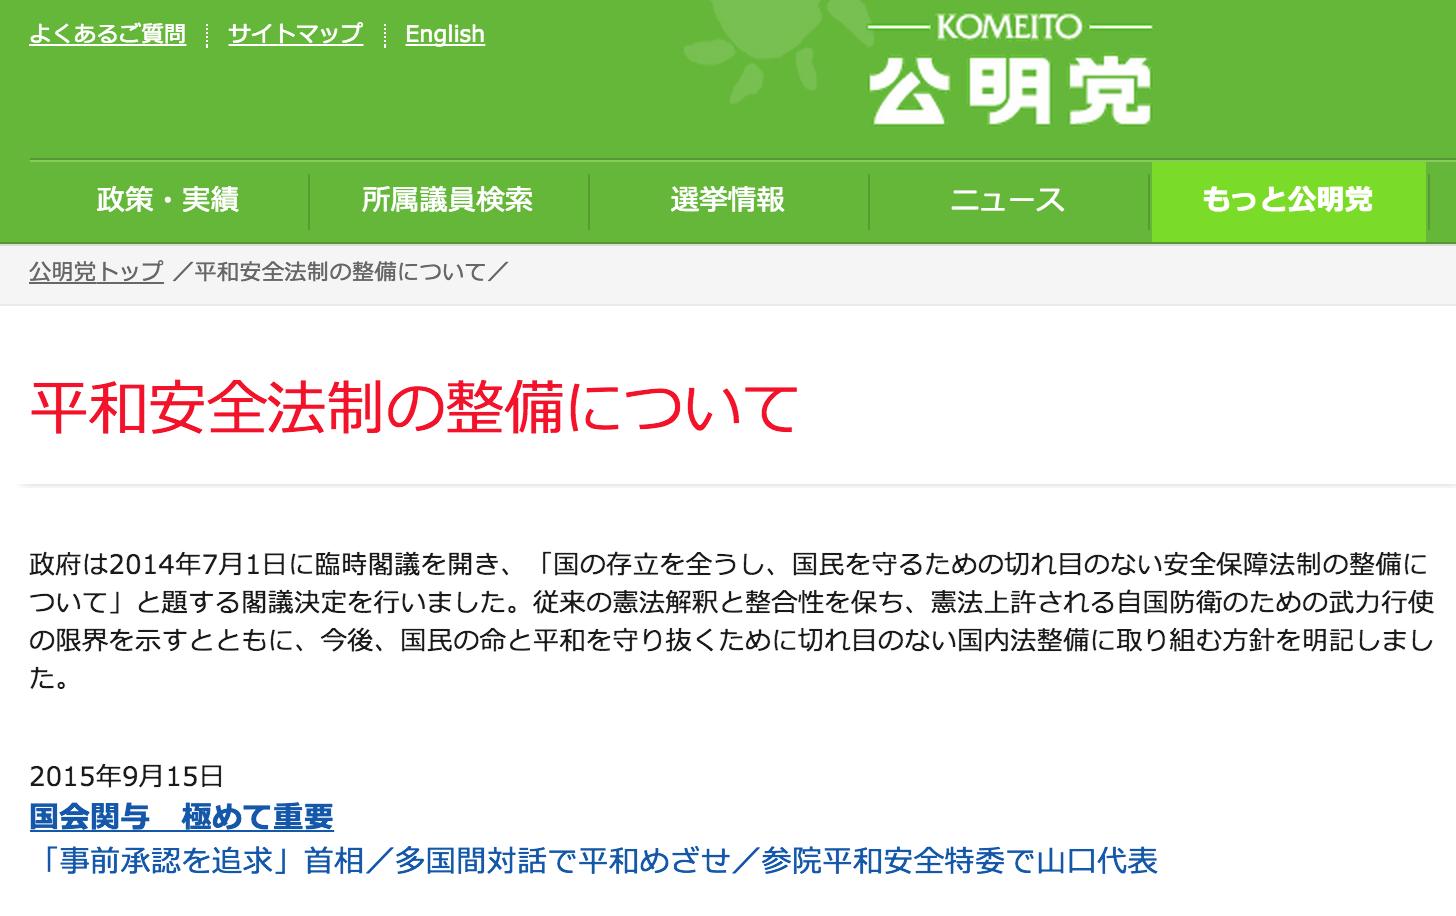 スクリーンショット 2015-09-15 17.32.37